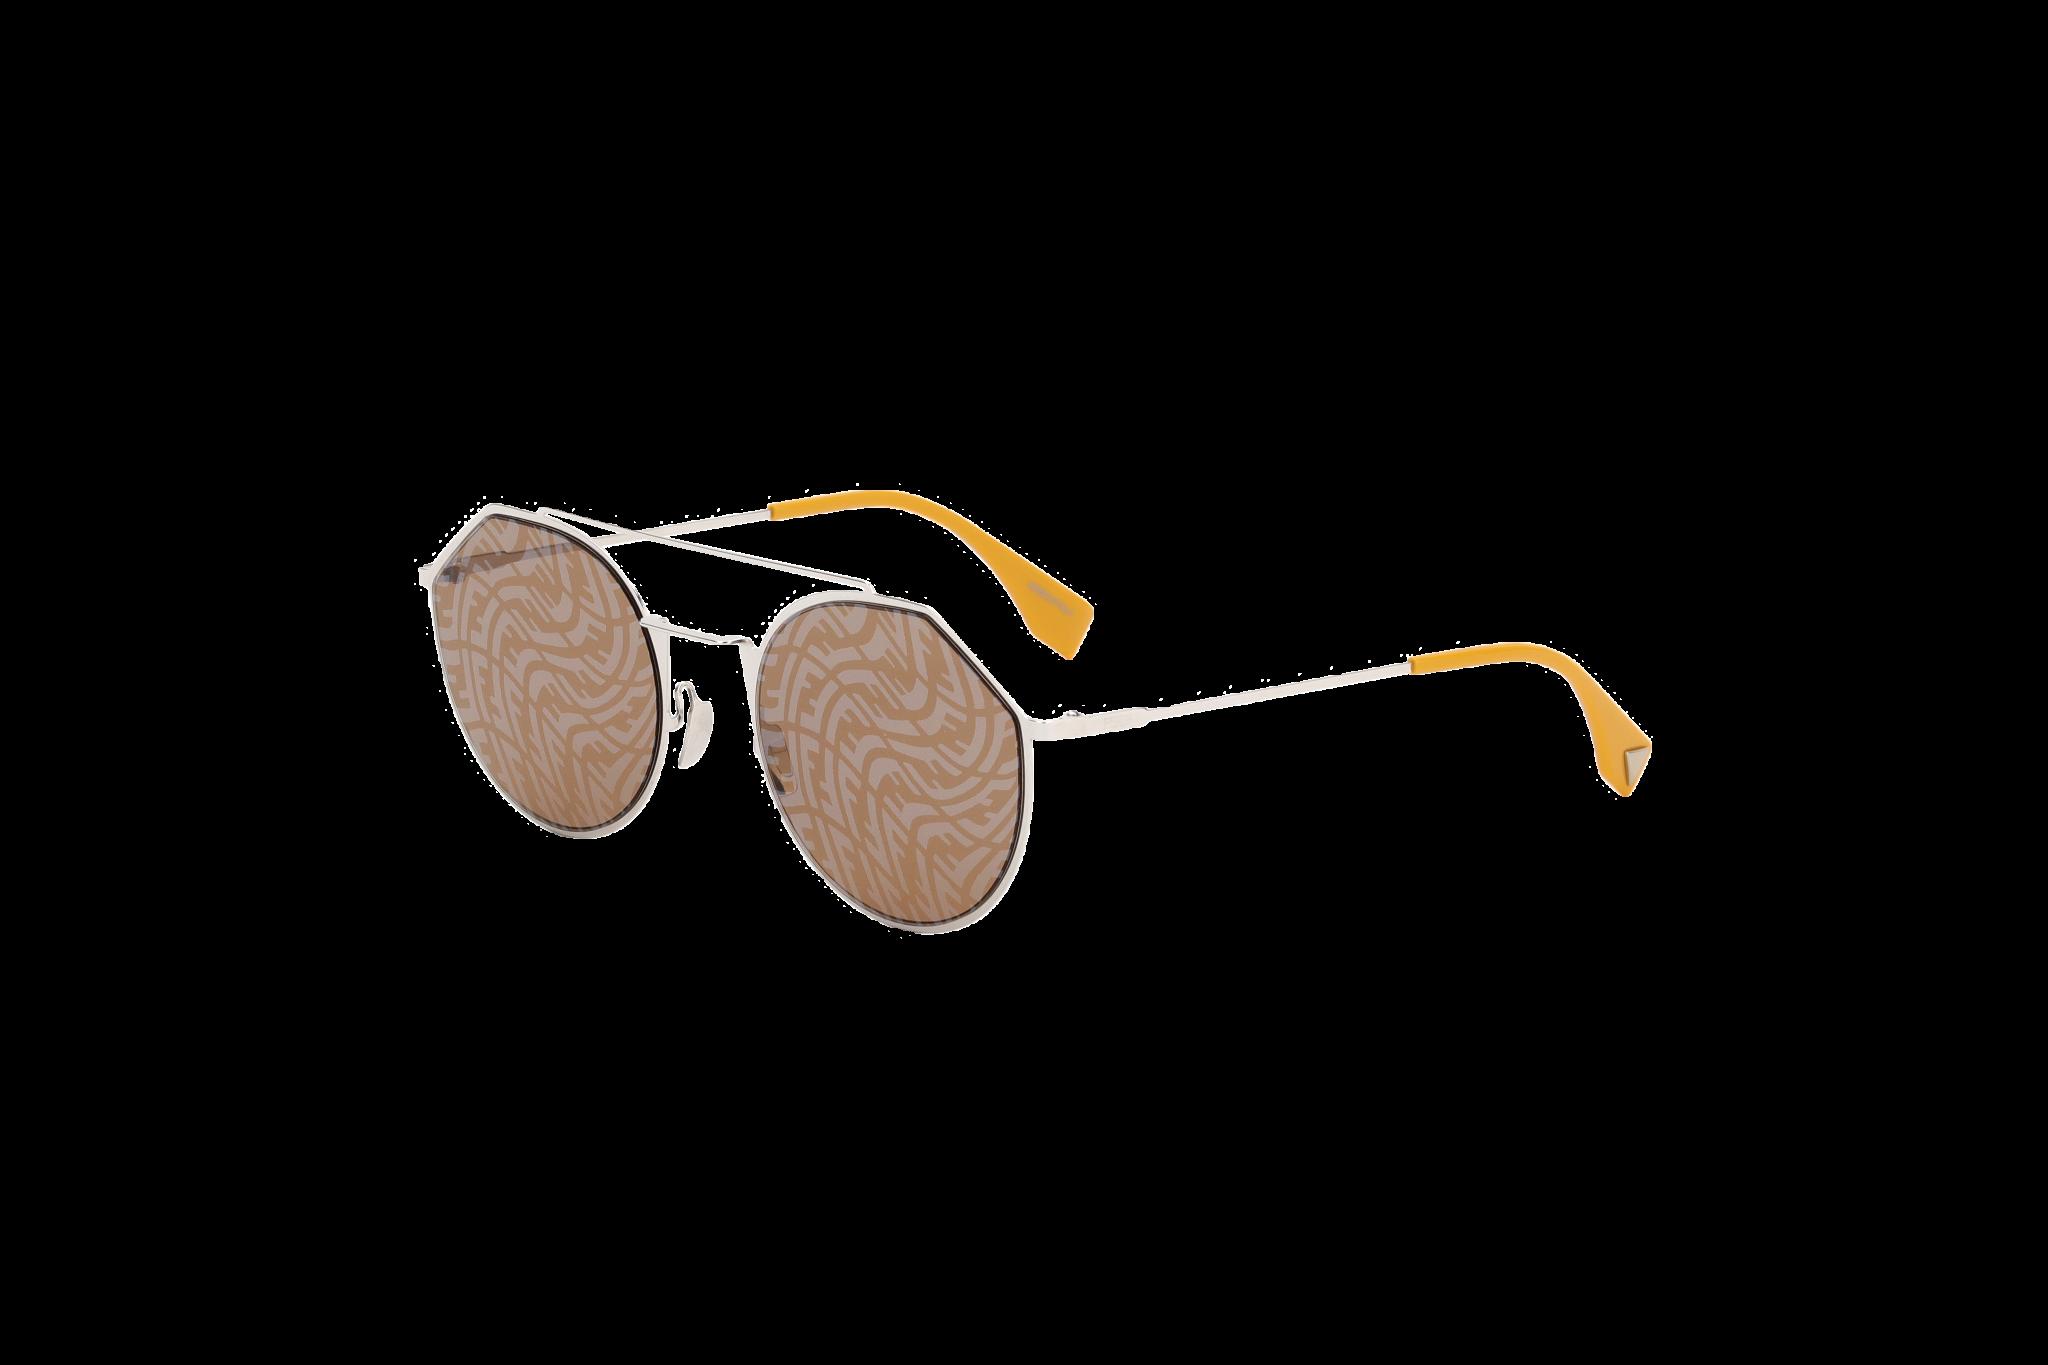 Sunglasses Guide 2021 - Fendi